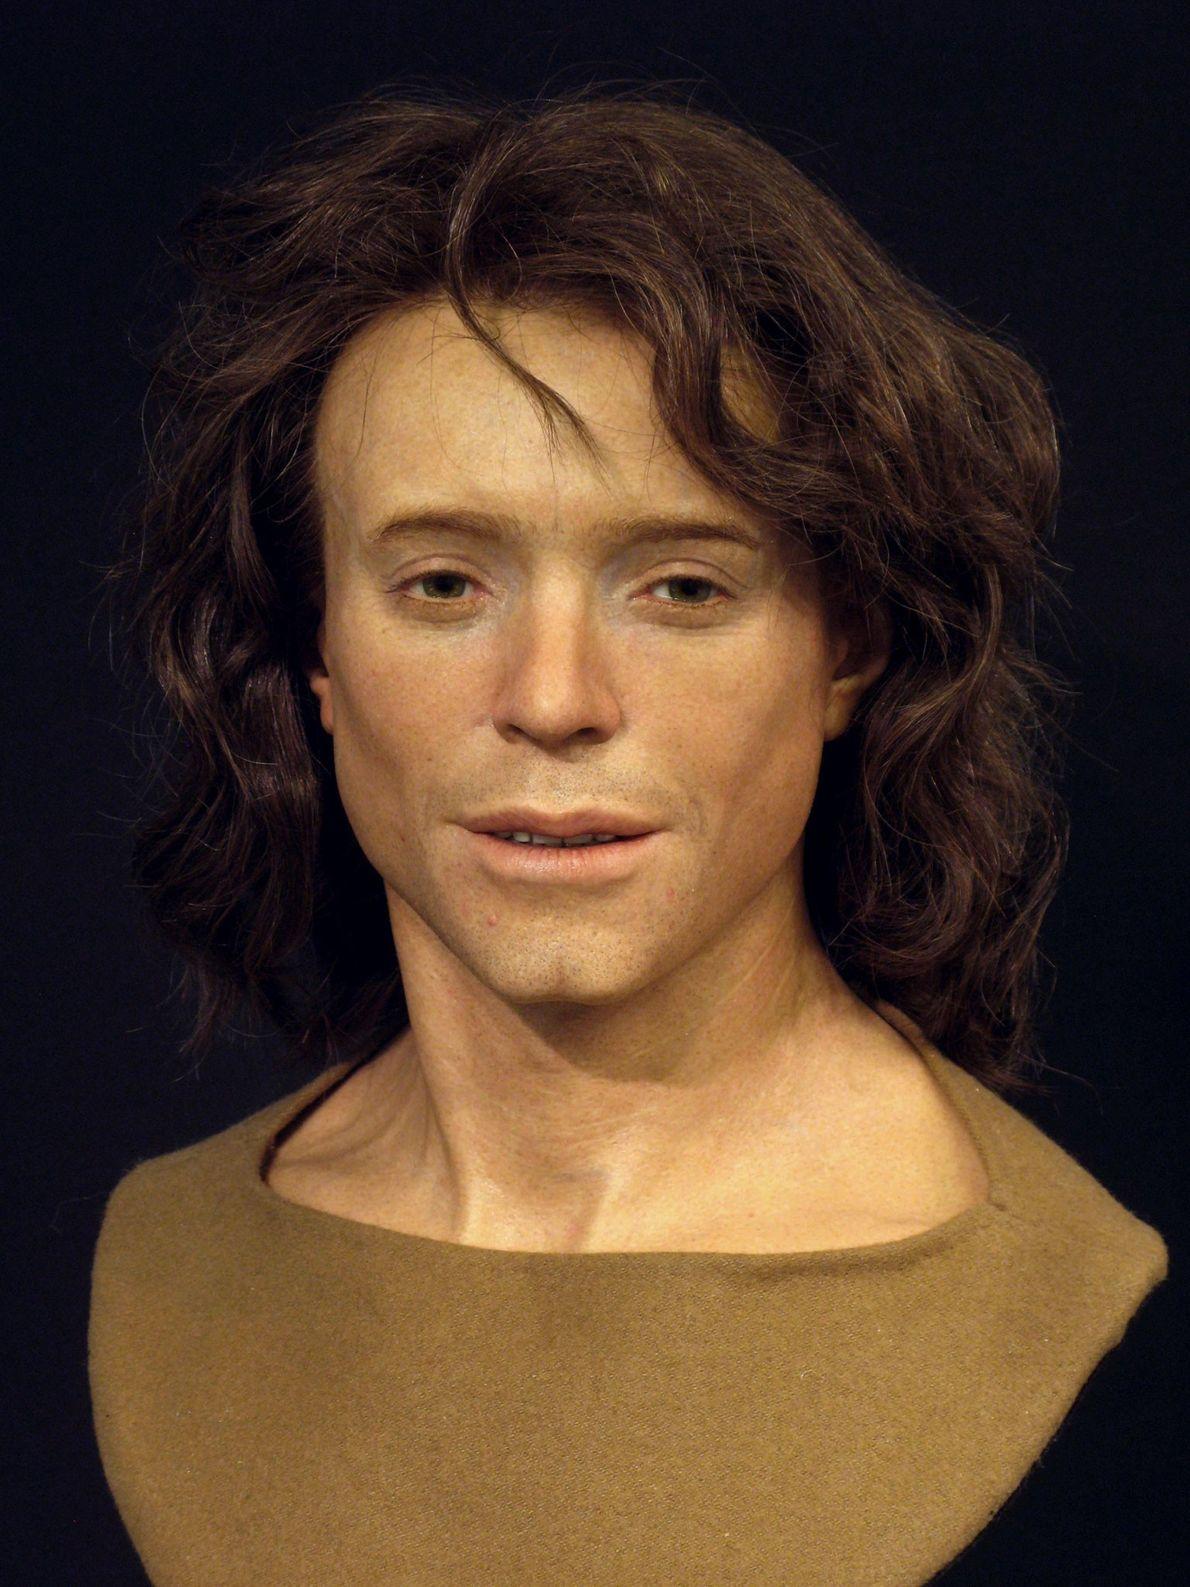 Adelasius Ebalchus viveu no norte da Suíça há 1300 anos. Adelasius estava no final dos seus ...